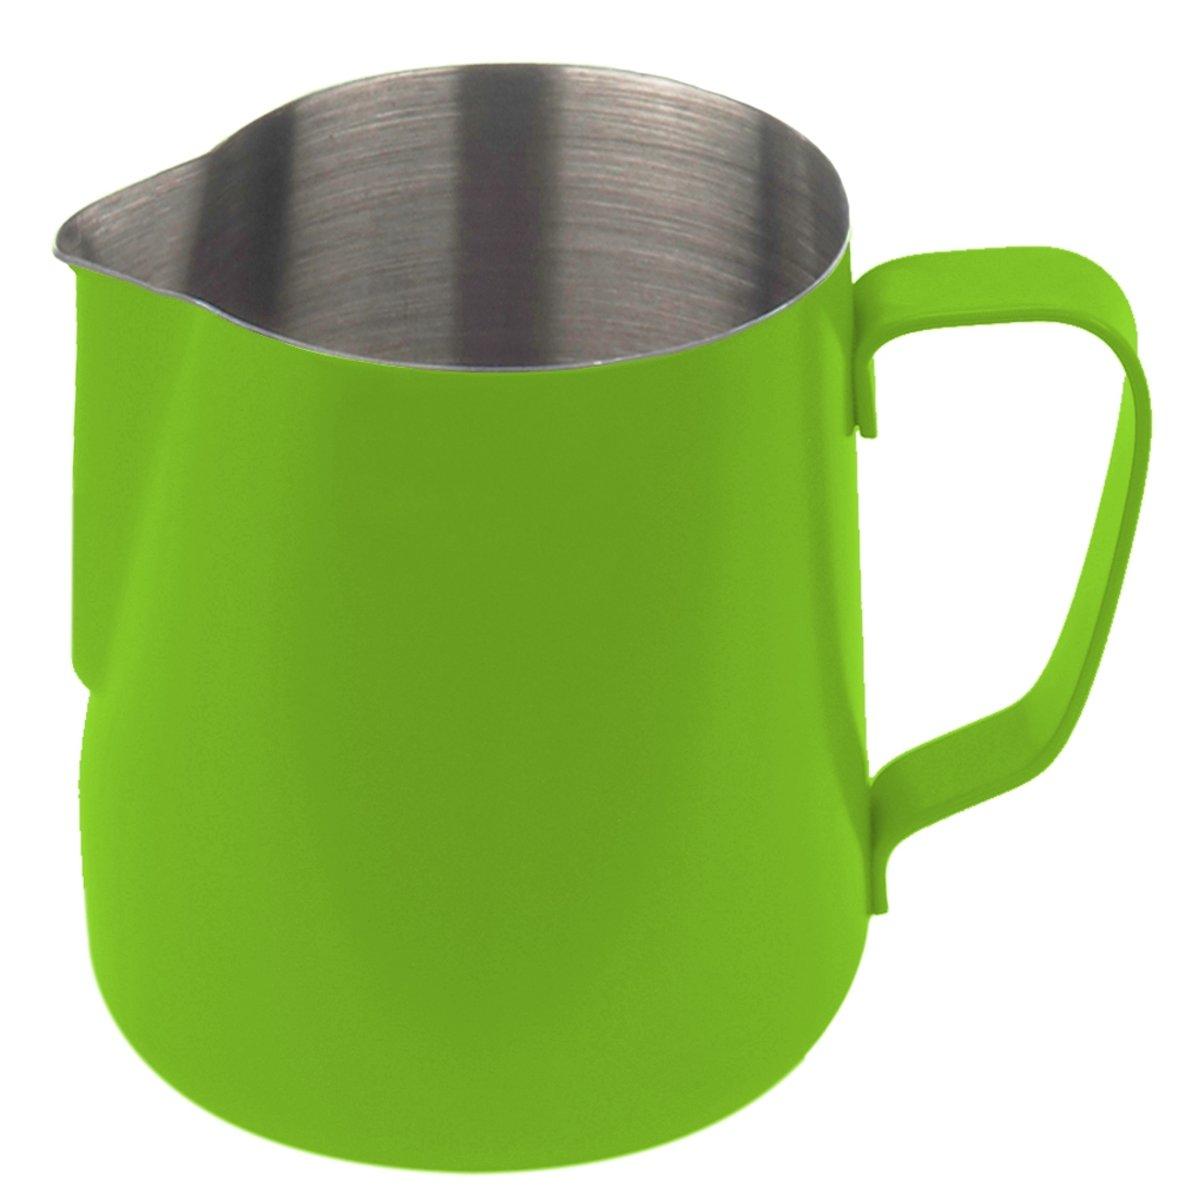 JoeFrex Melkan Groen 590ml kopen